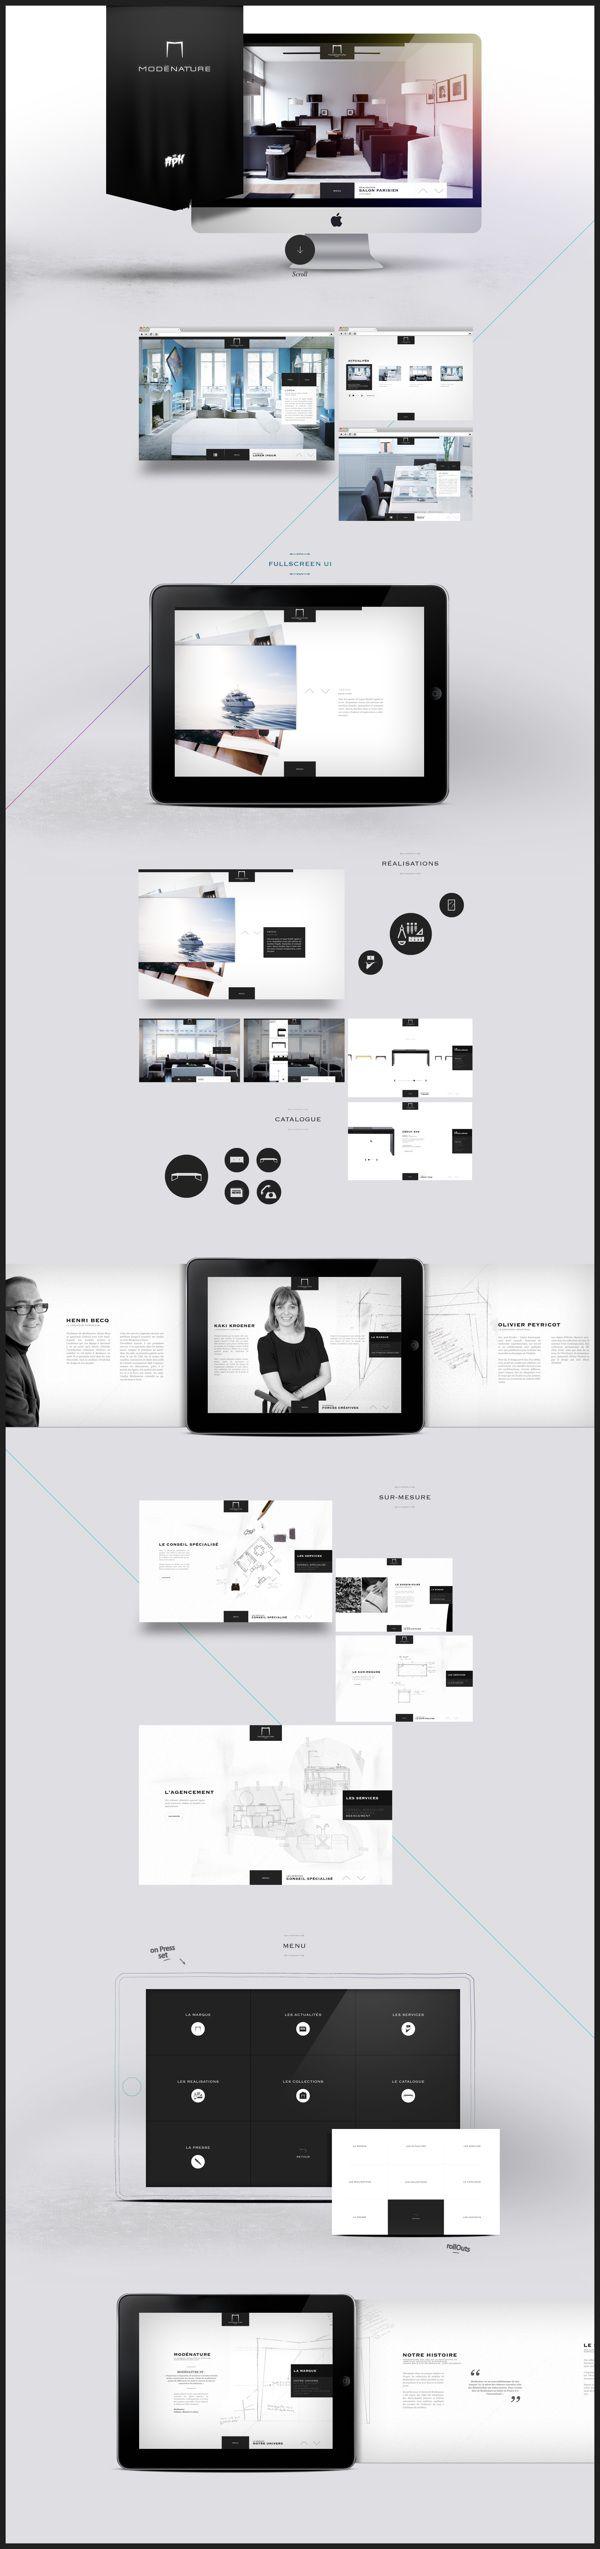 Modénature.com by Antoine Pelgrand Kostadinoff, via #Behance #Webdesign